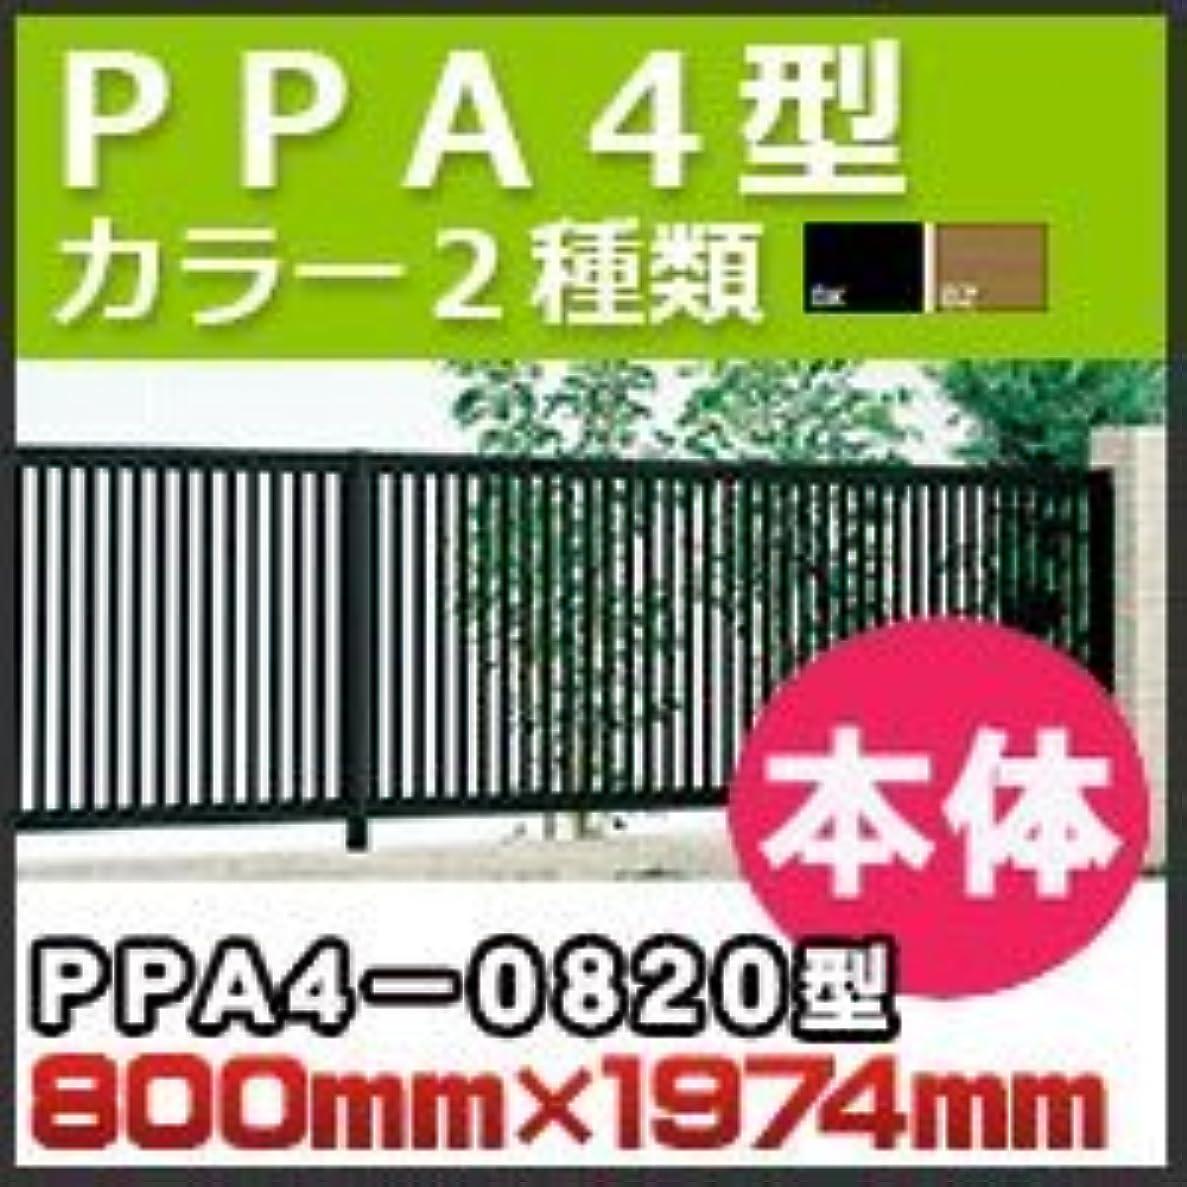 四国化成 フェンス PPA4型本体(傾斜地共用)PPA4-0820 H800mm×W1,974mm ブロンズ